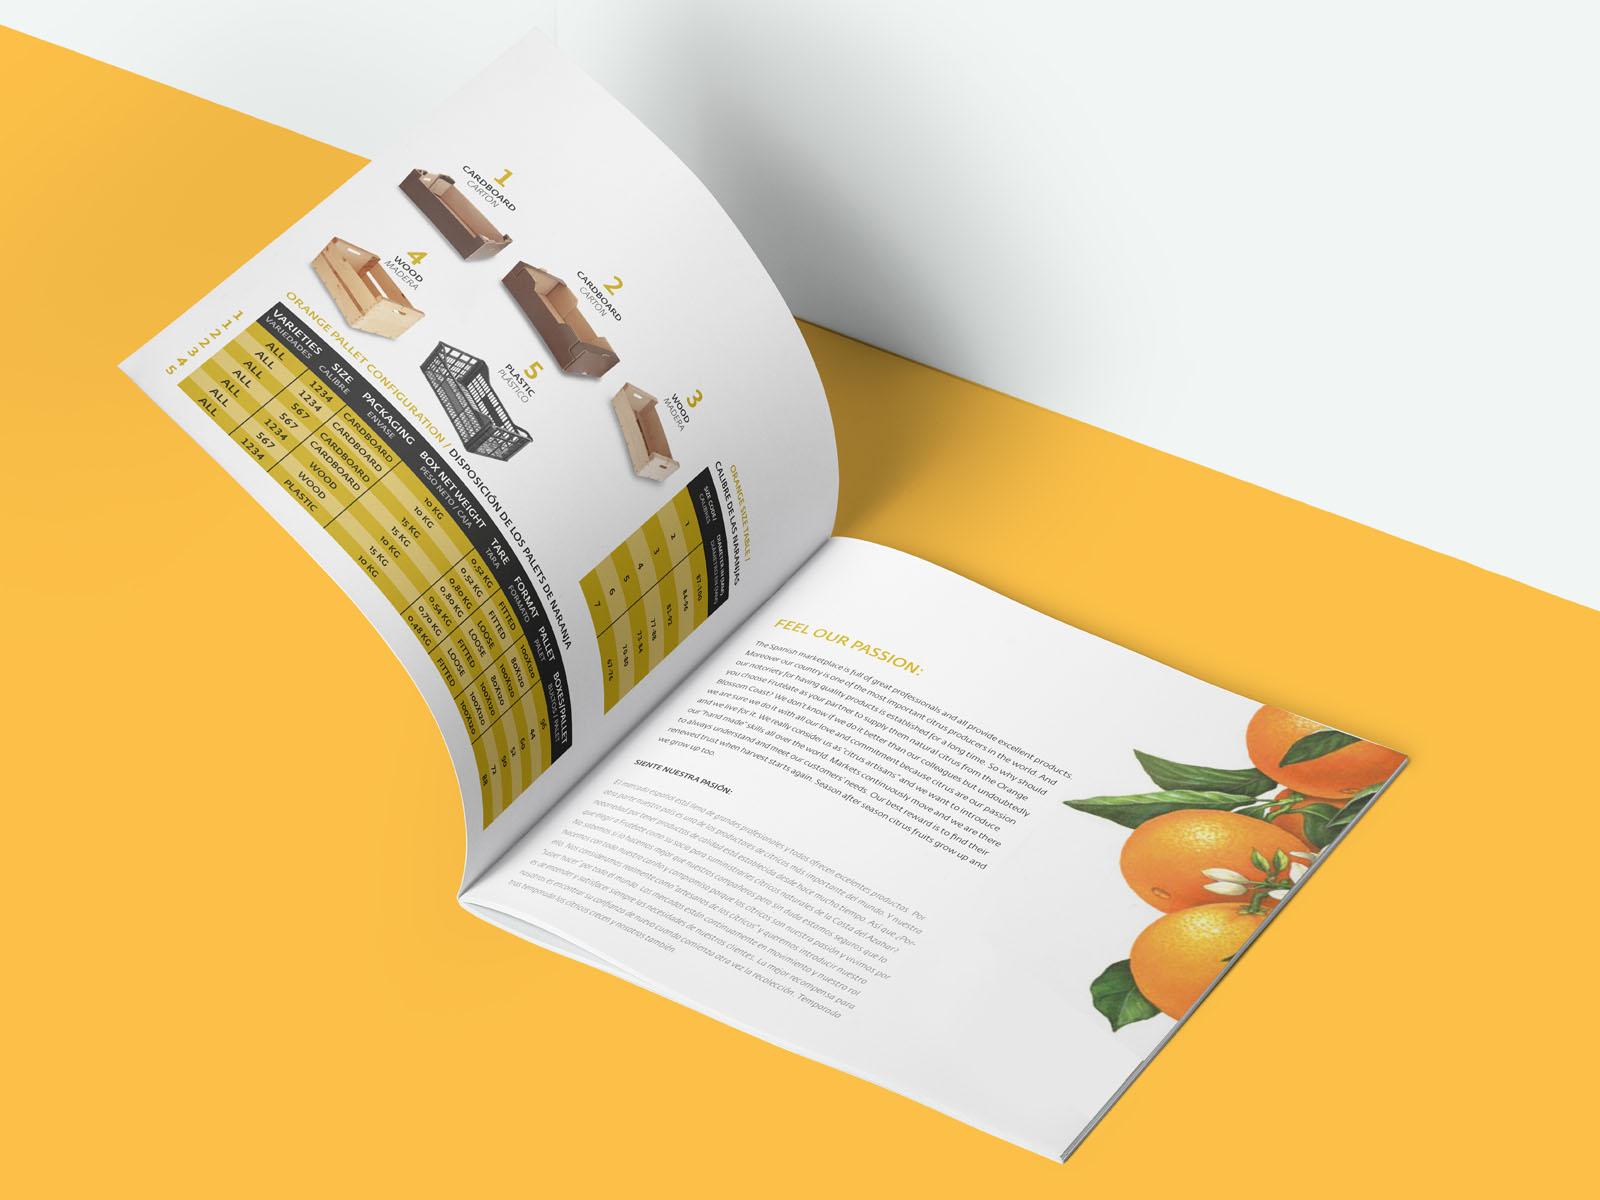 Catalogue, Catalogo para Frutétae, diseño y maquetación de catálogo para empresas